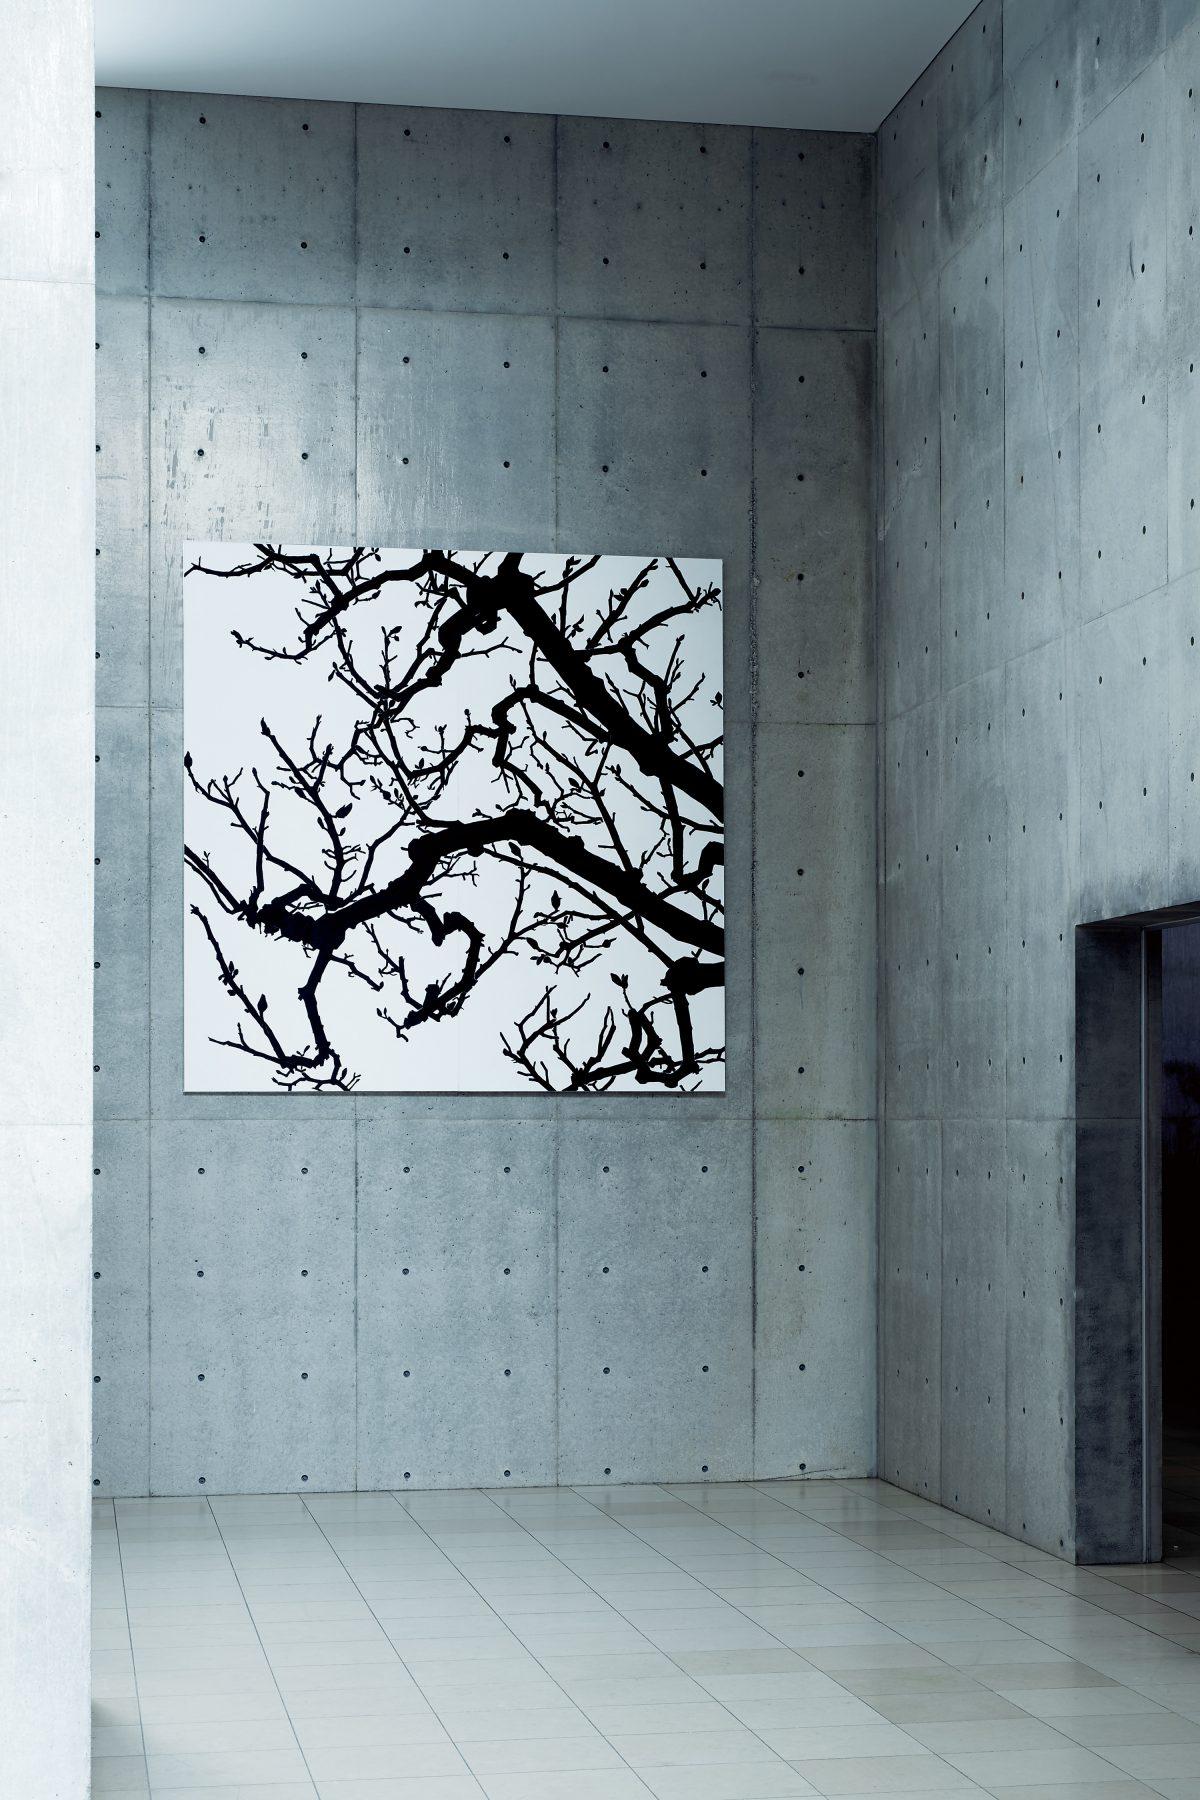 個展「空と樹と」2017年 / ヴァンジ彫刻庭園美術館 / 撮影:髙橋健治